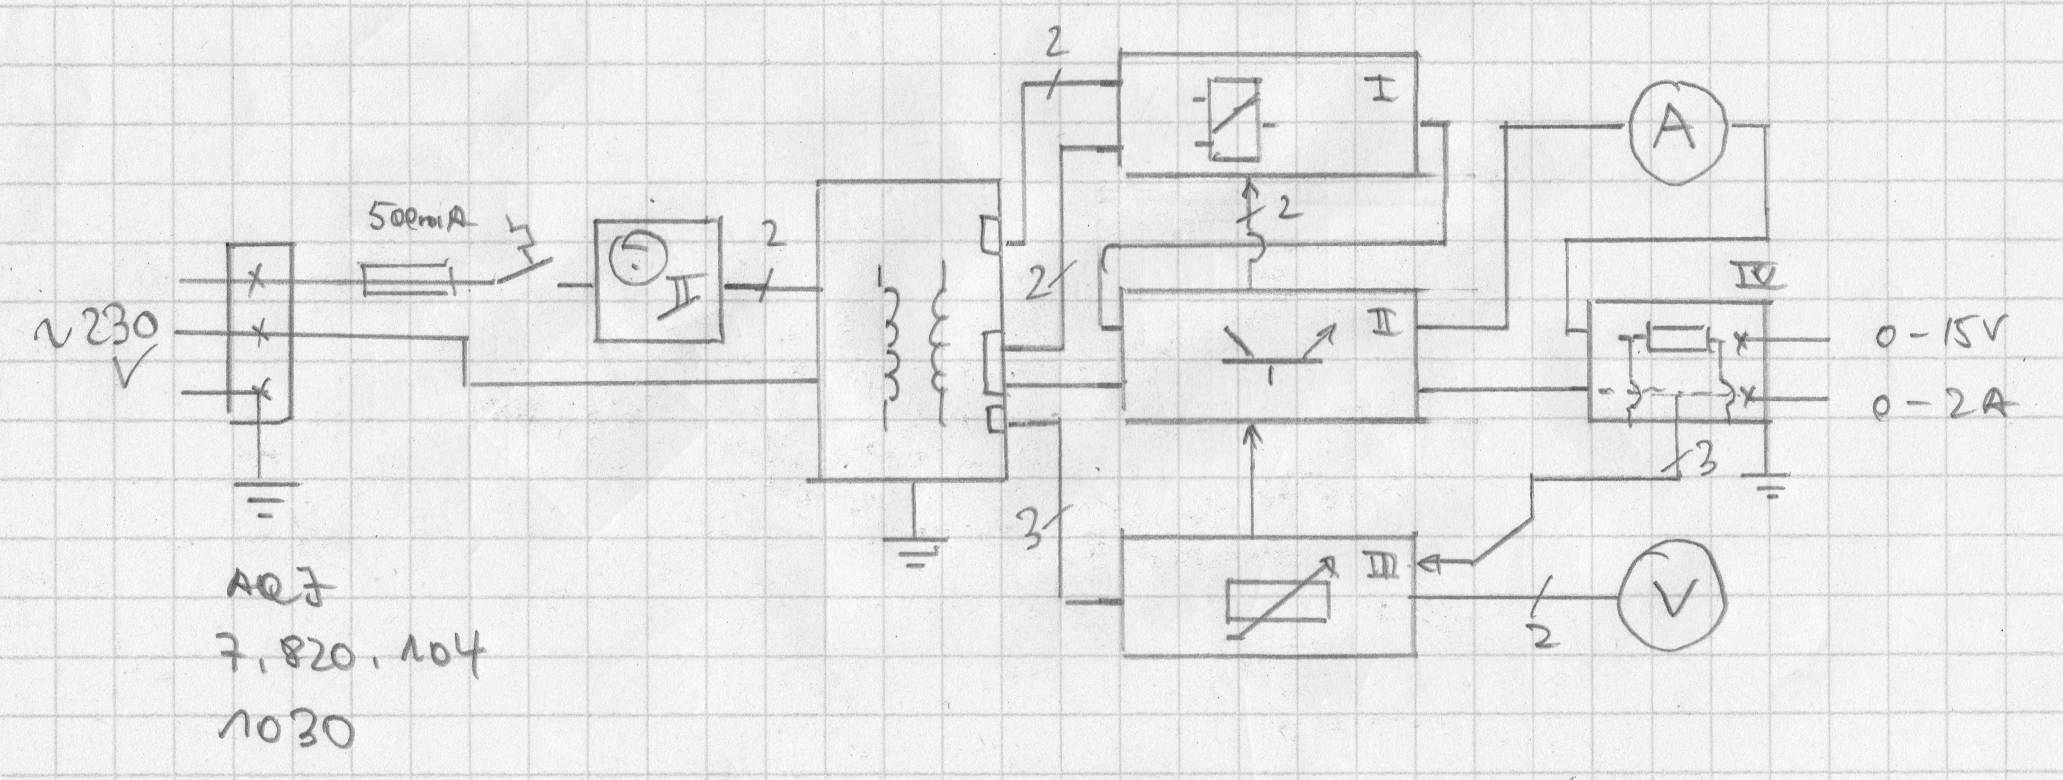 Suche Schaltplan für Labornetzteil 15V 2A - Mikrocontroller.net